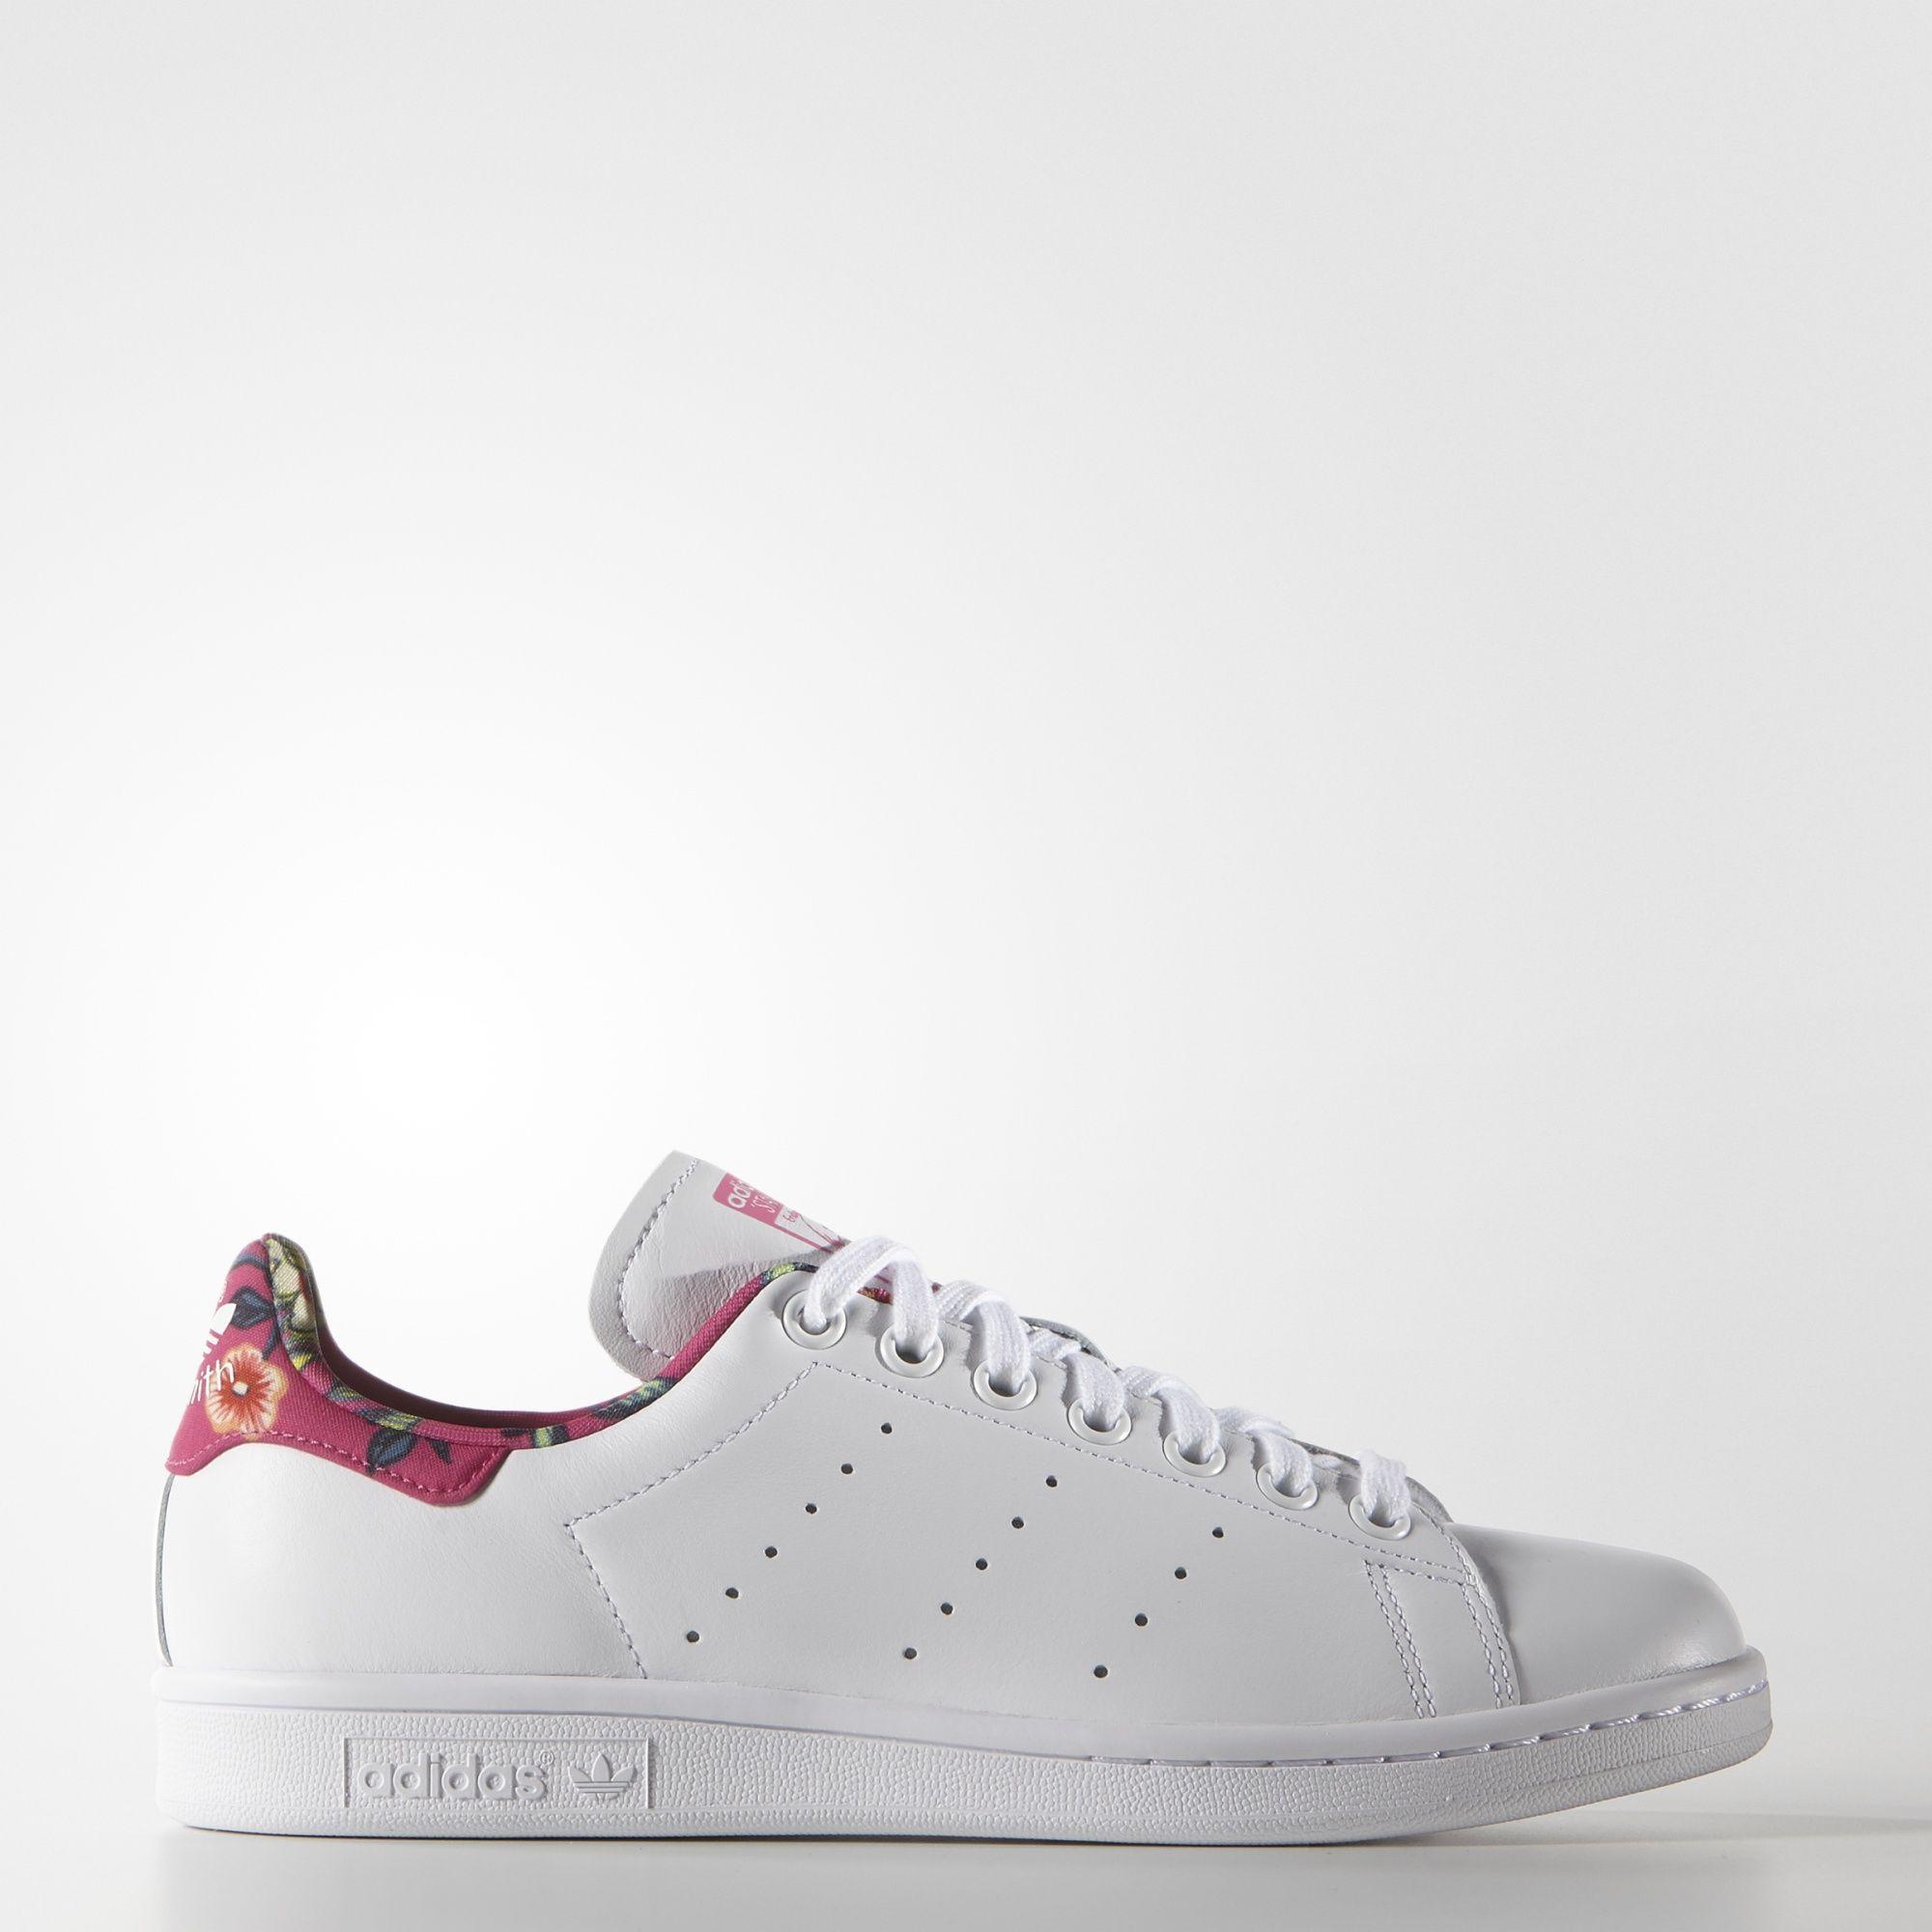 cuivré dans le style chaussures de training femmes boutique